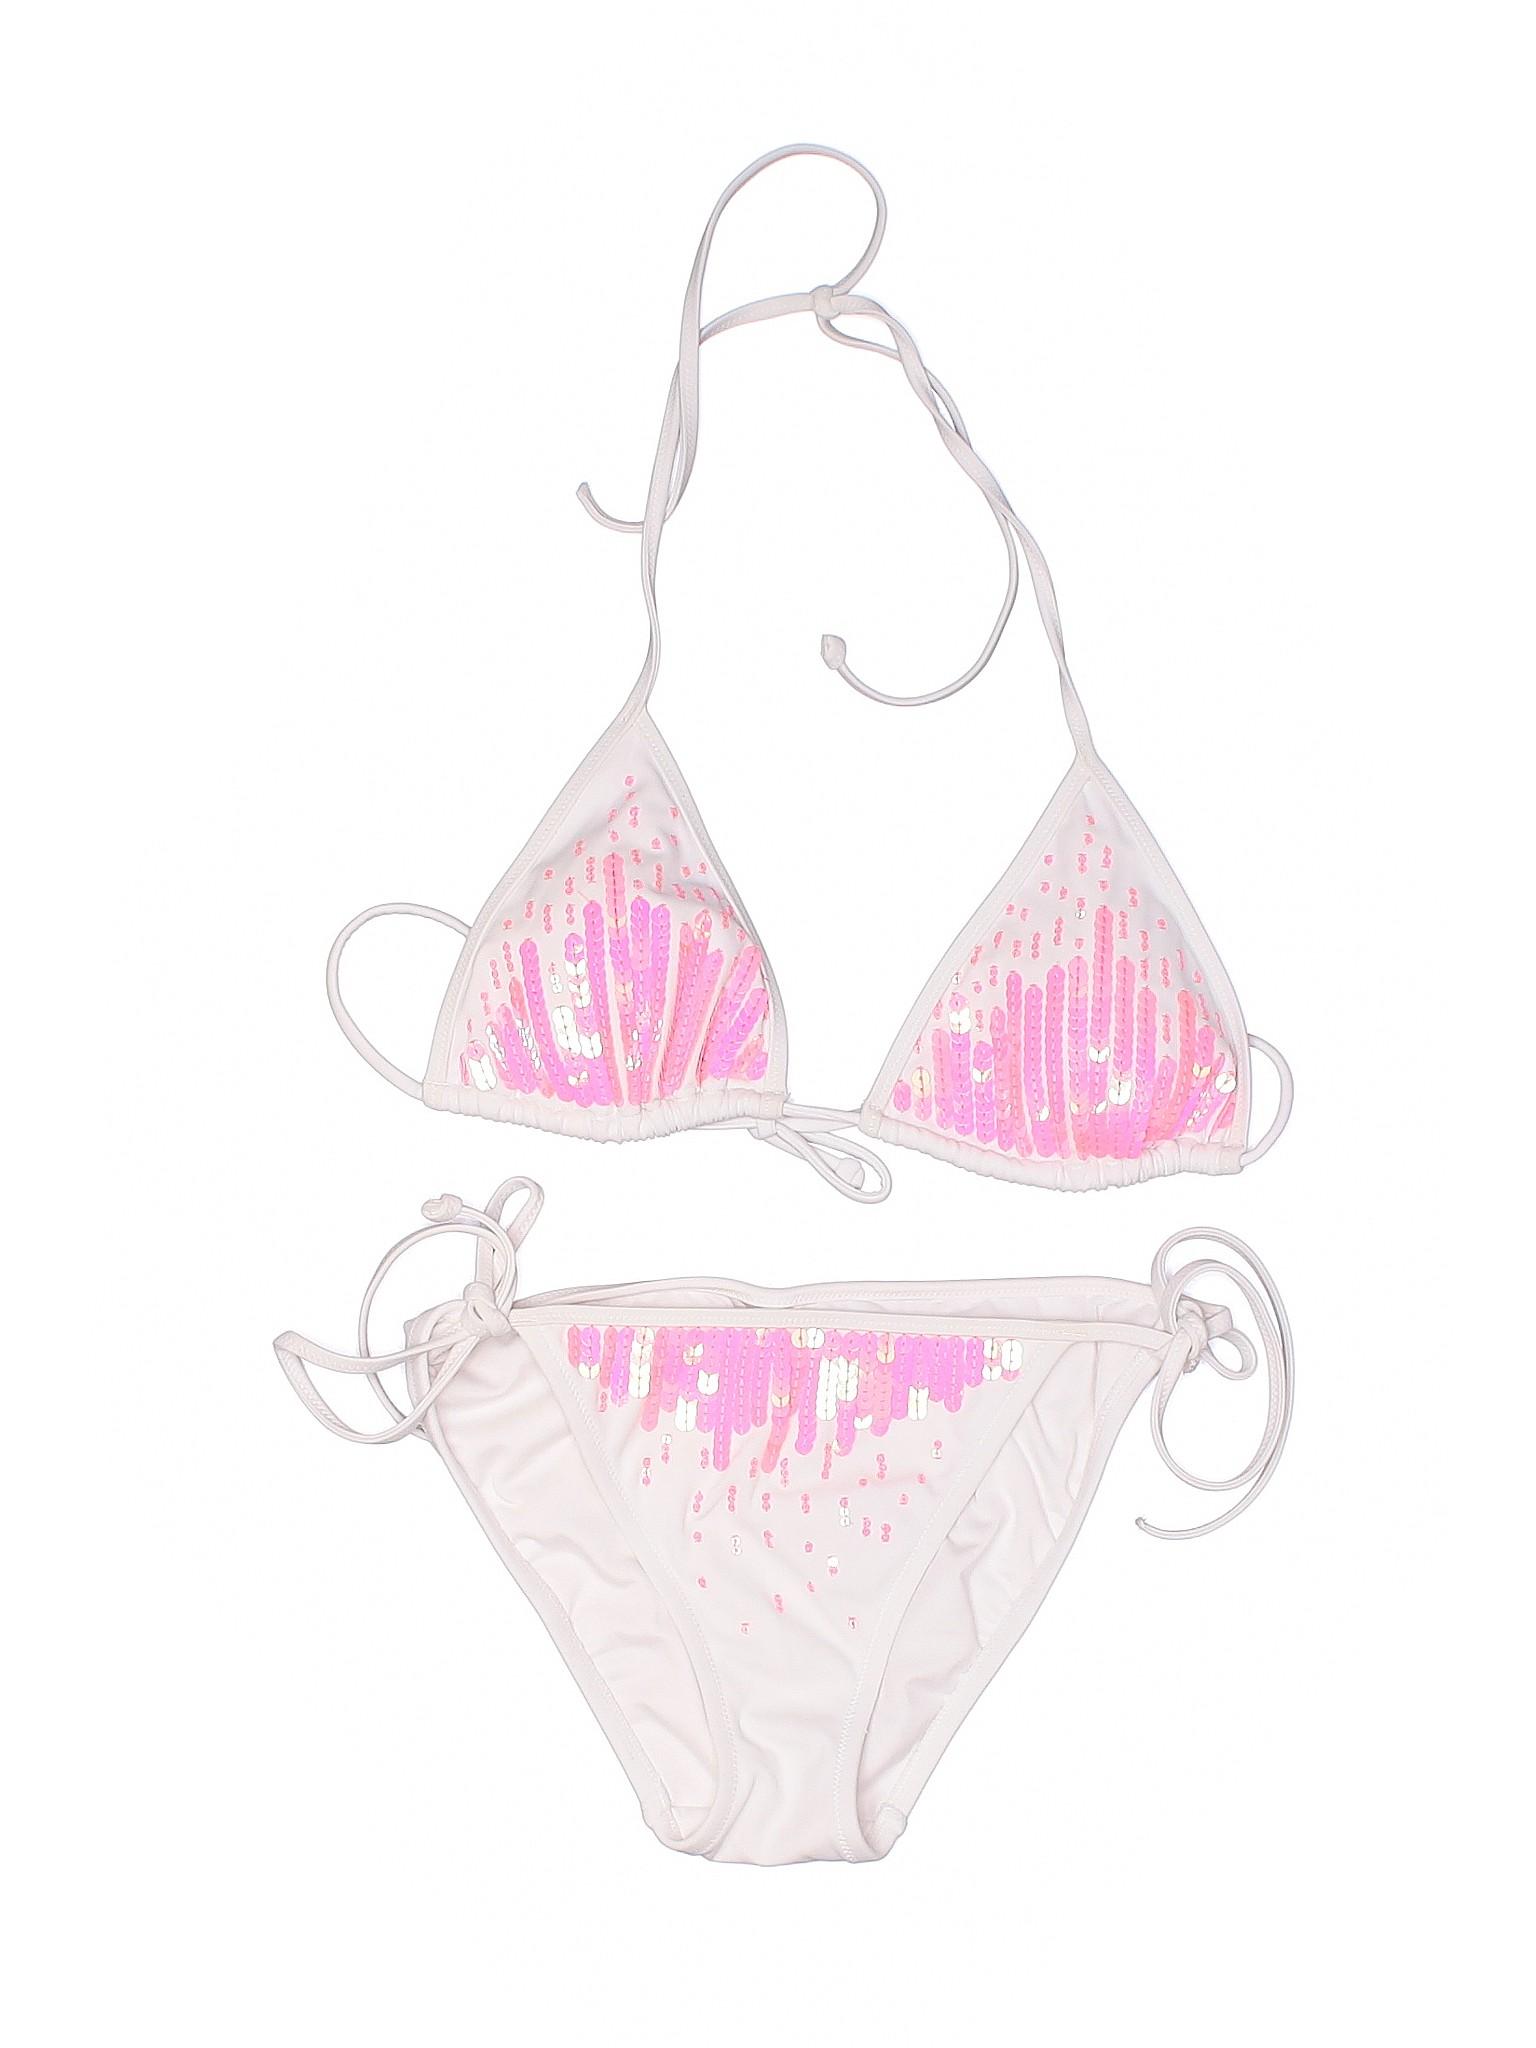 238e0243426e4 Details about Victoria's Secret Women Ivory Two Piece Swimsuit Sm Petite